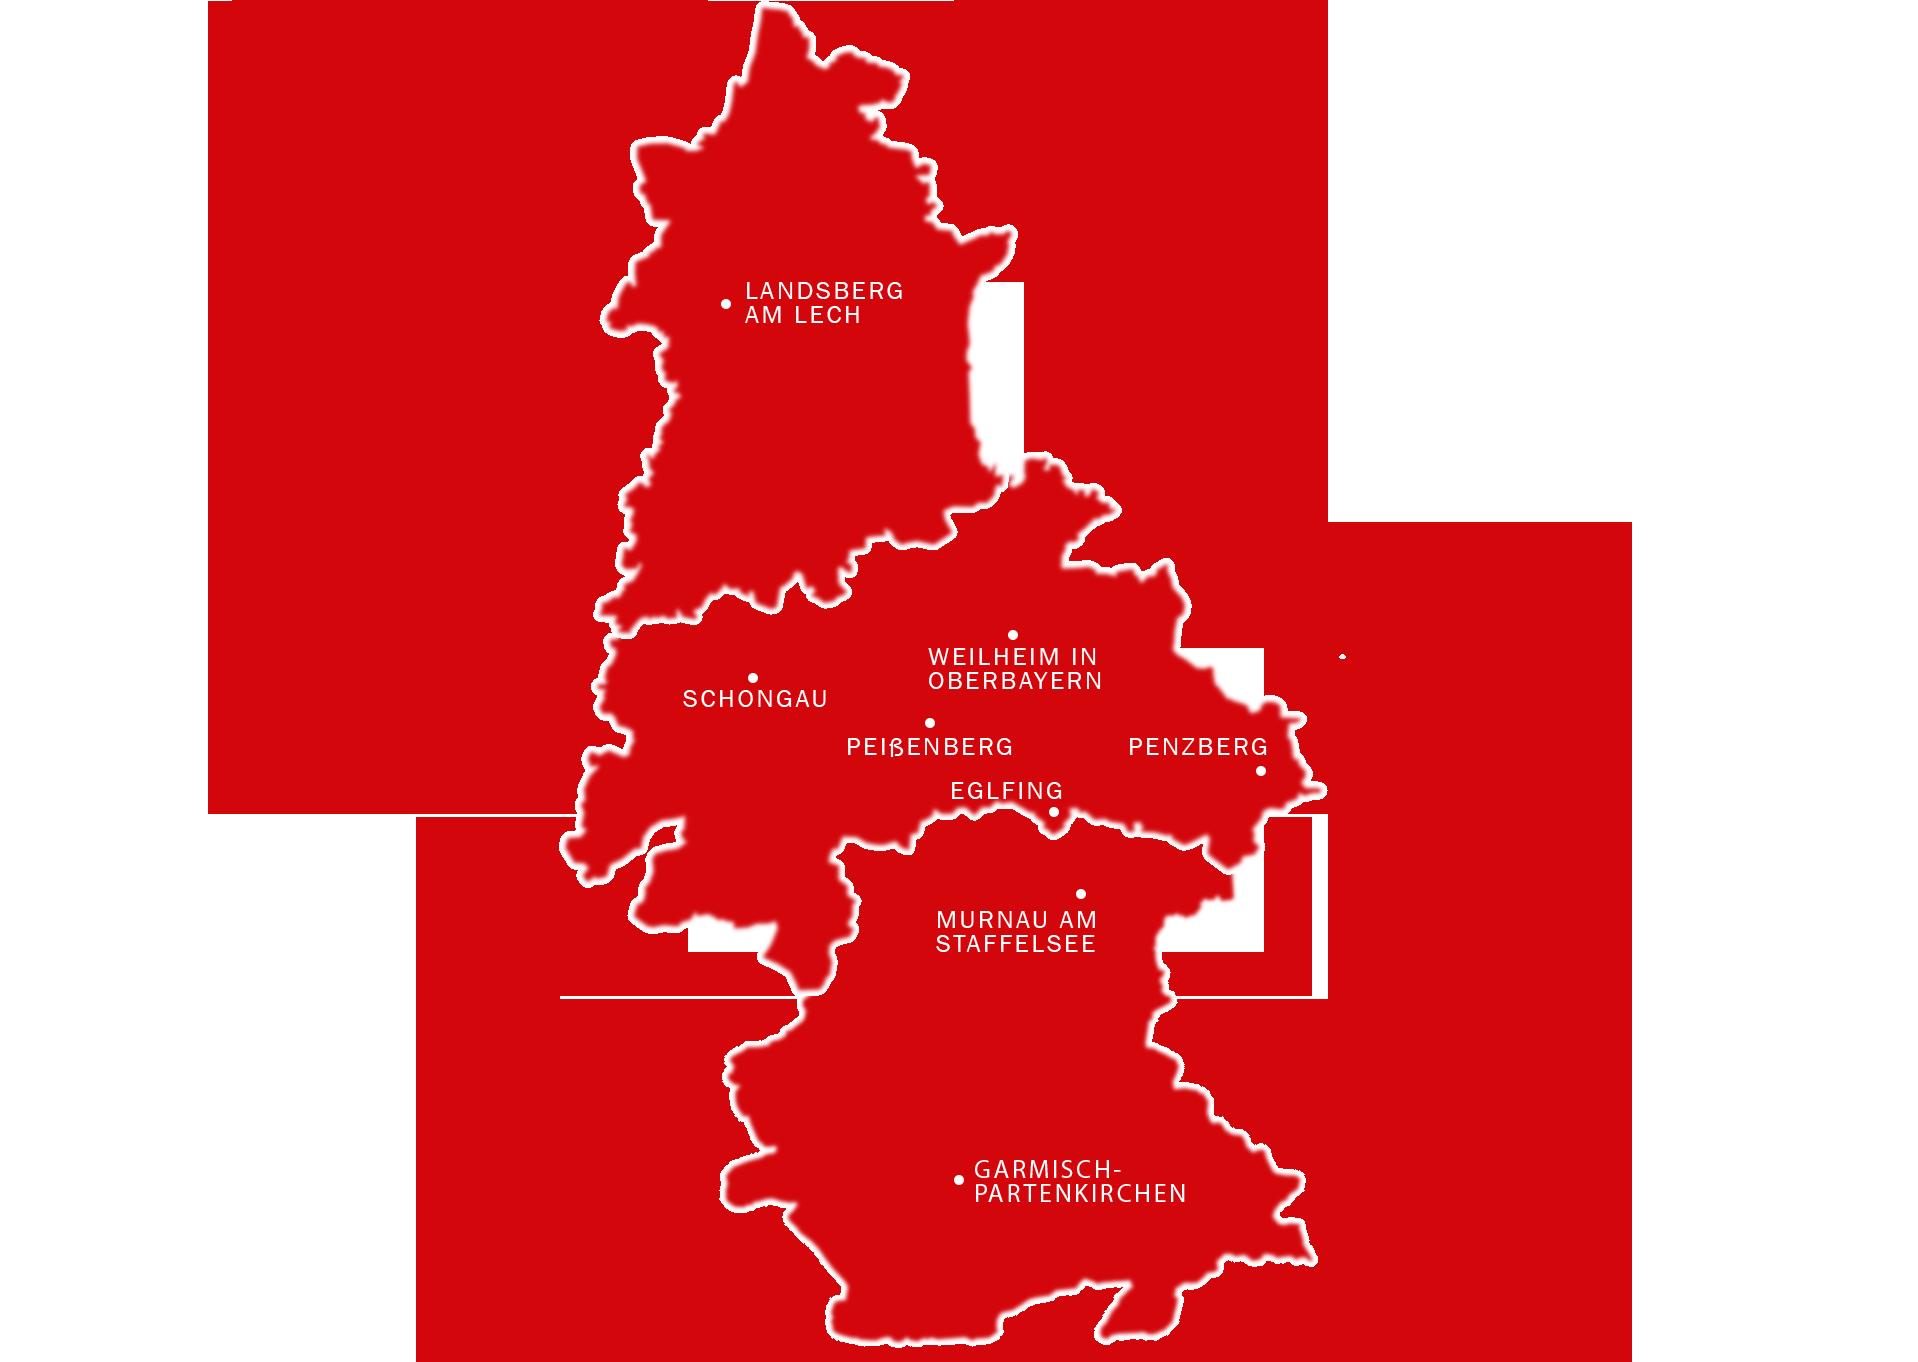 Karte in rot mit Landkreis Garmisch, Weilheim-Schongau und Landsberg.